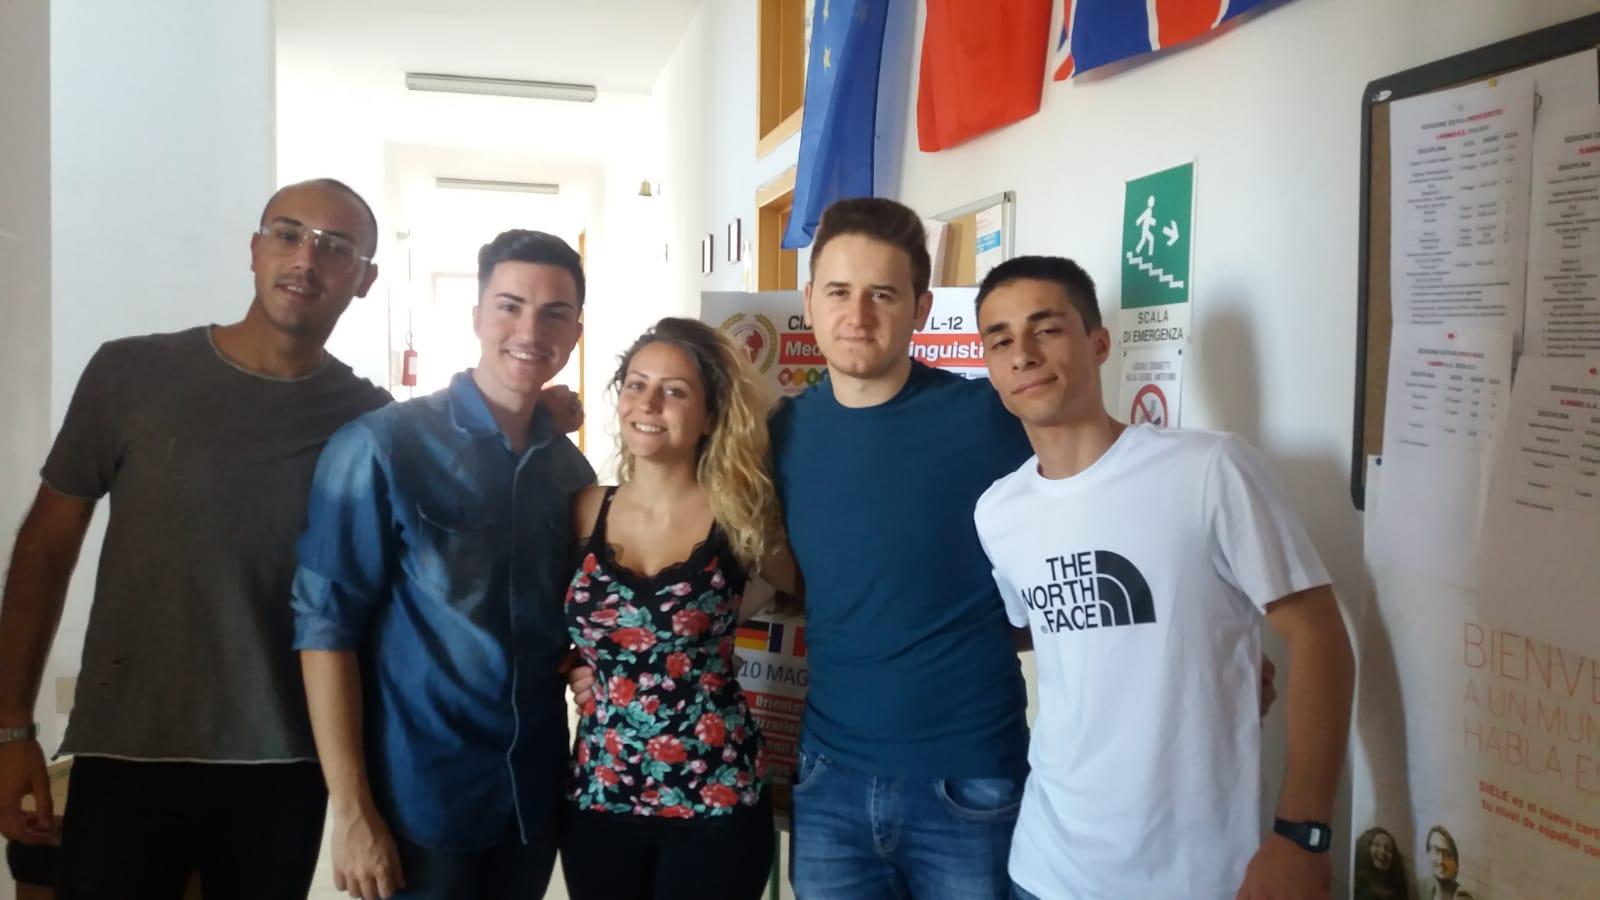 GLI STUDENTI FOGGIANI DELLA SSML SAN DOMENICO IN PARTENZA PER L'EUROPA PER IL TRAINEESHIP